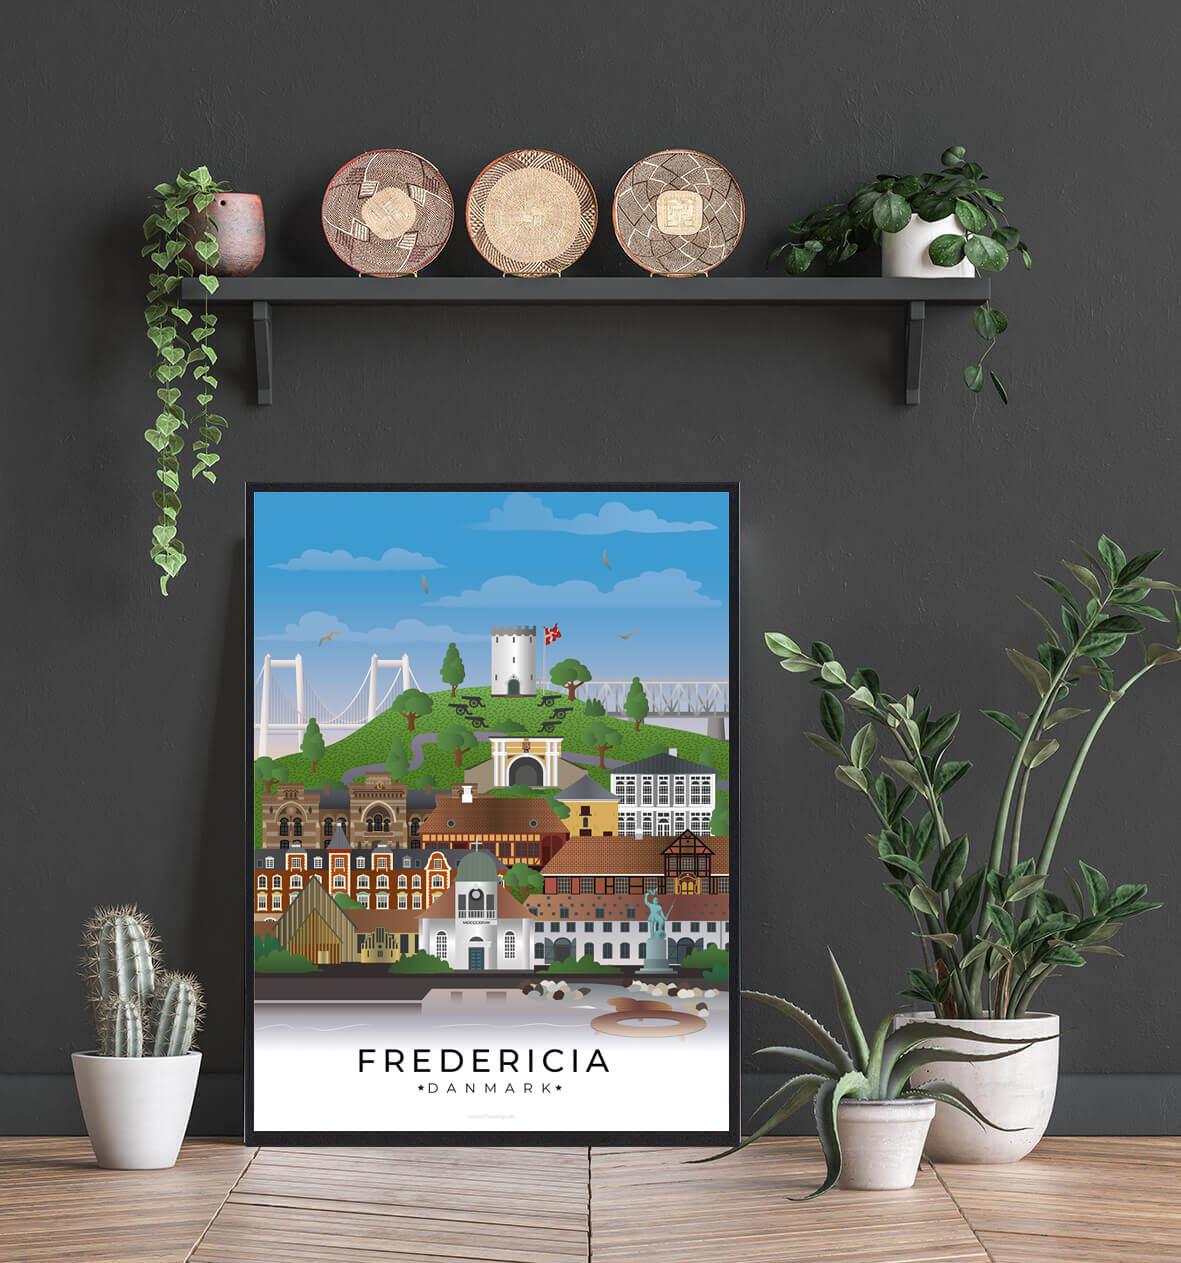 Fredericia-byplakat-med-motiver-2